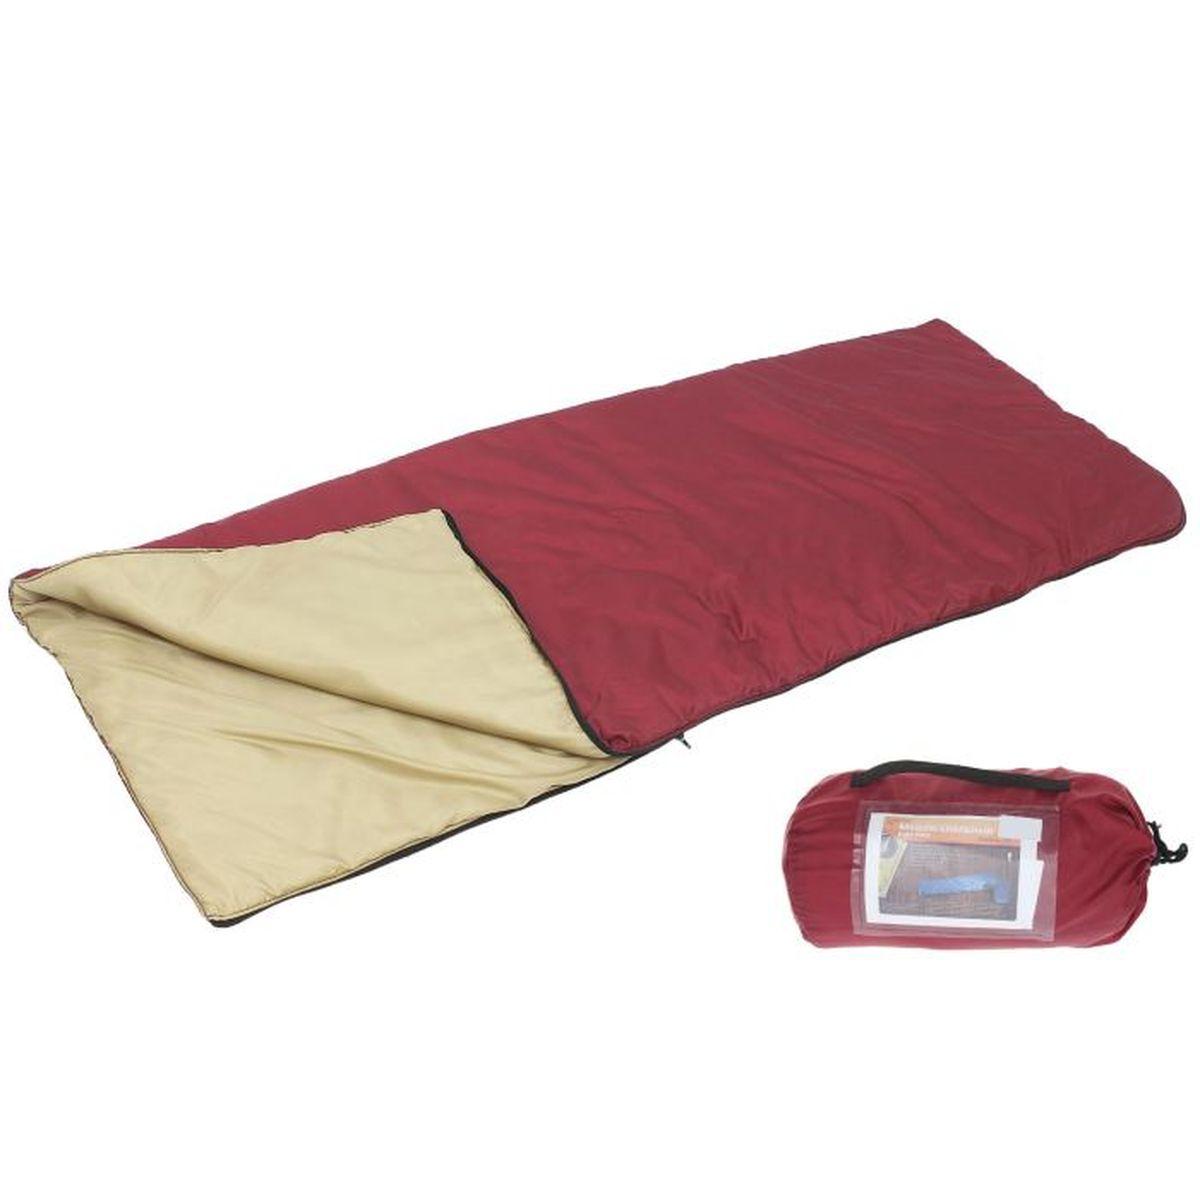 Спальный мешок Onlitop, цвет: красный, бежевый, правосторонняя молния1313769Комфортный, просторный и очень теплый 3-х сезонный спальник предназначен для походов и для отдыха на природе не только в летнее время, но и в прохладные дни весенне-осеннего периода. В теплое время спальный мешок можно использовать как одеяло (в том числе и дома).